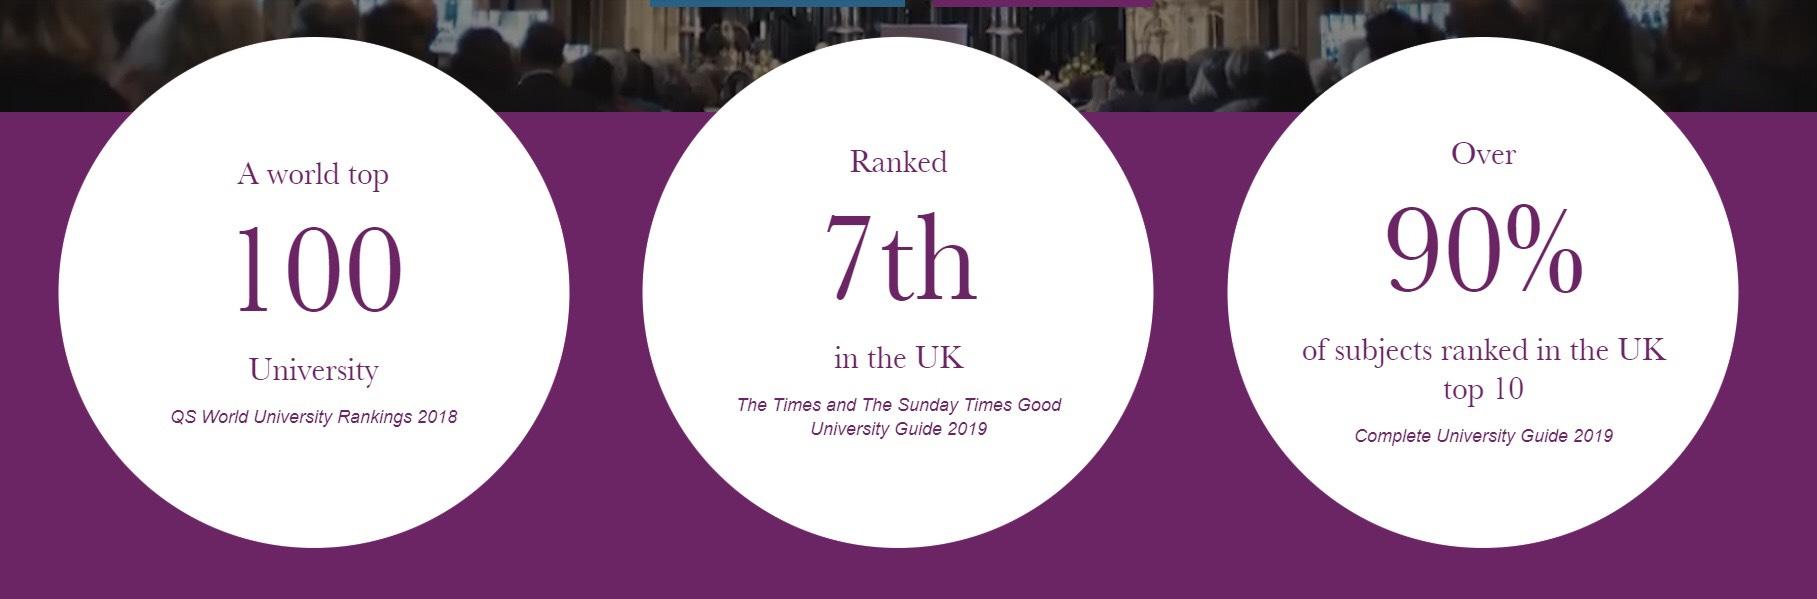 เหตุผลที่นักเรียนเรียนต่ออังกฤษ Foundation and Pre-Masters Durham University กับ เอเยนซี่ I Study UK ปรึกษาฟรีดูแลตลอดระยะเวลาในต่างแดน